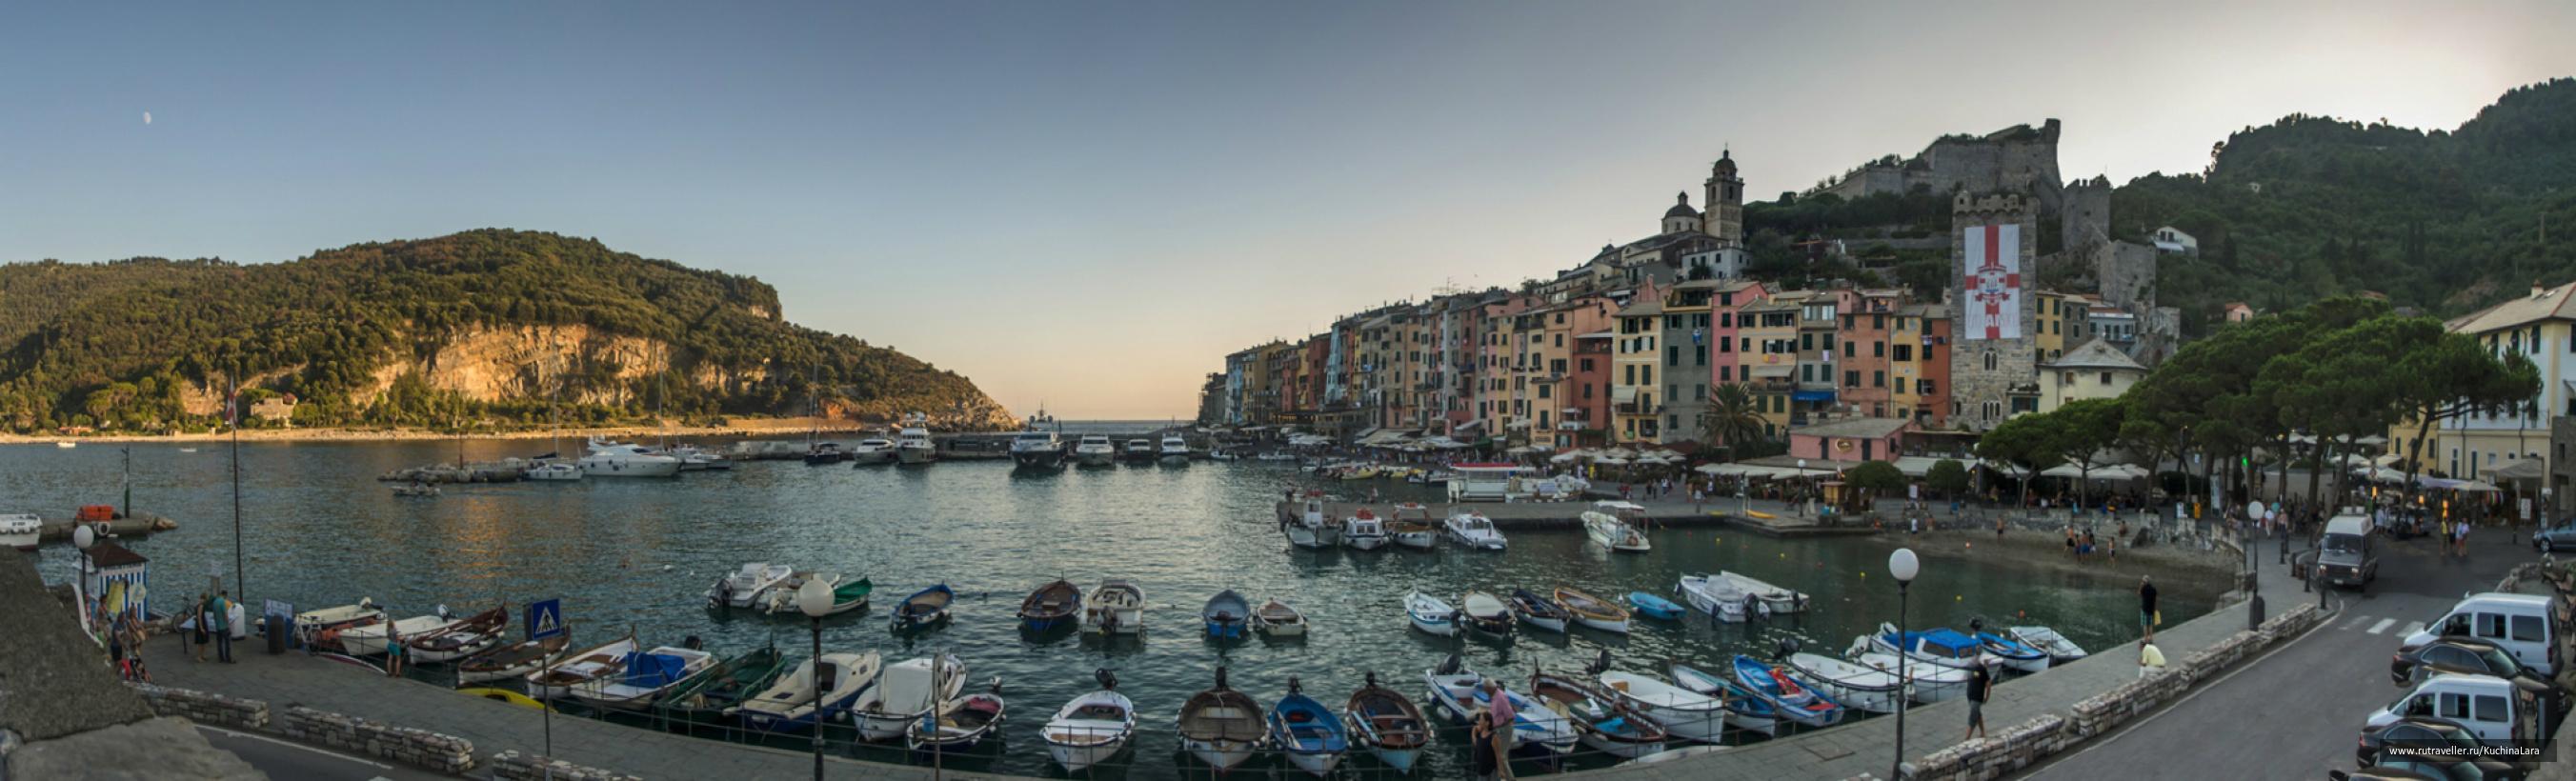 Liguria_2012-1586 Panorama1